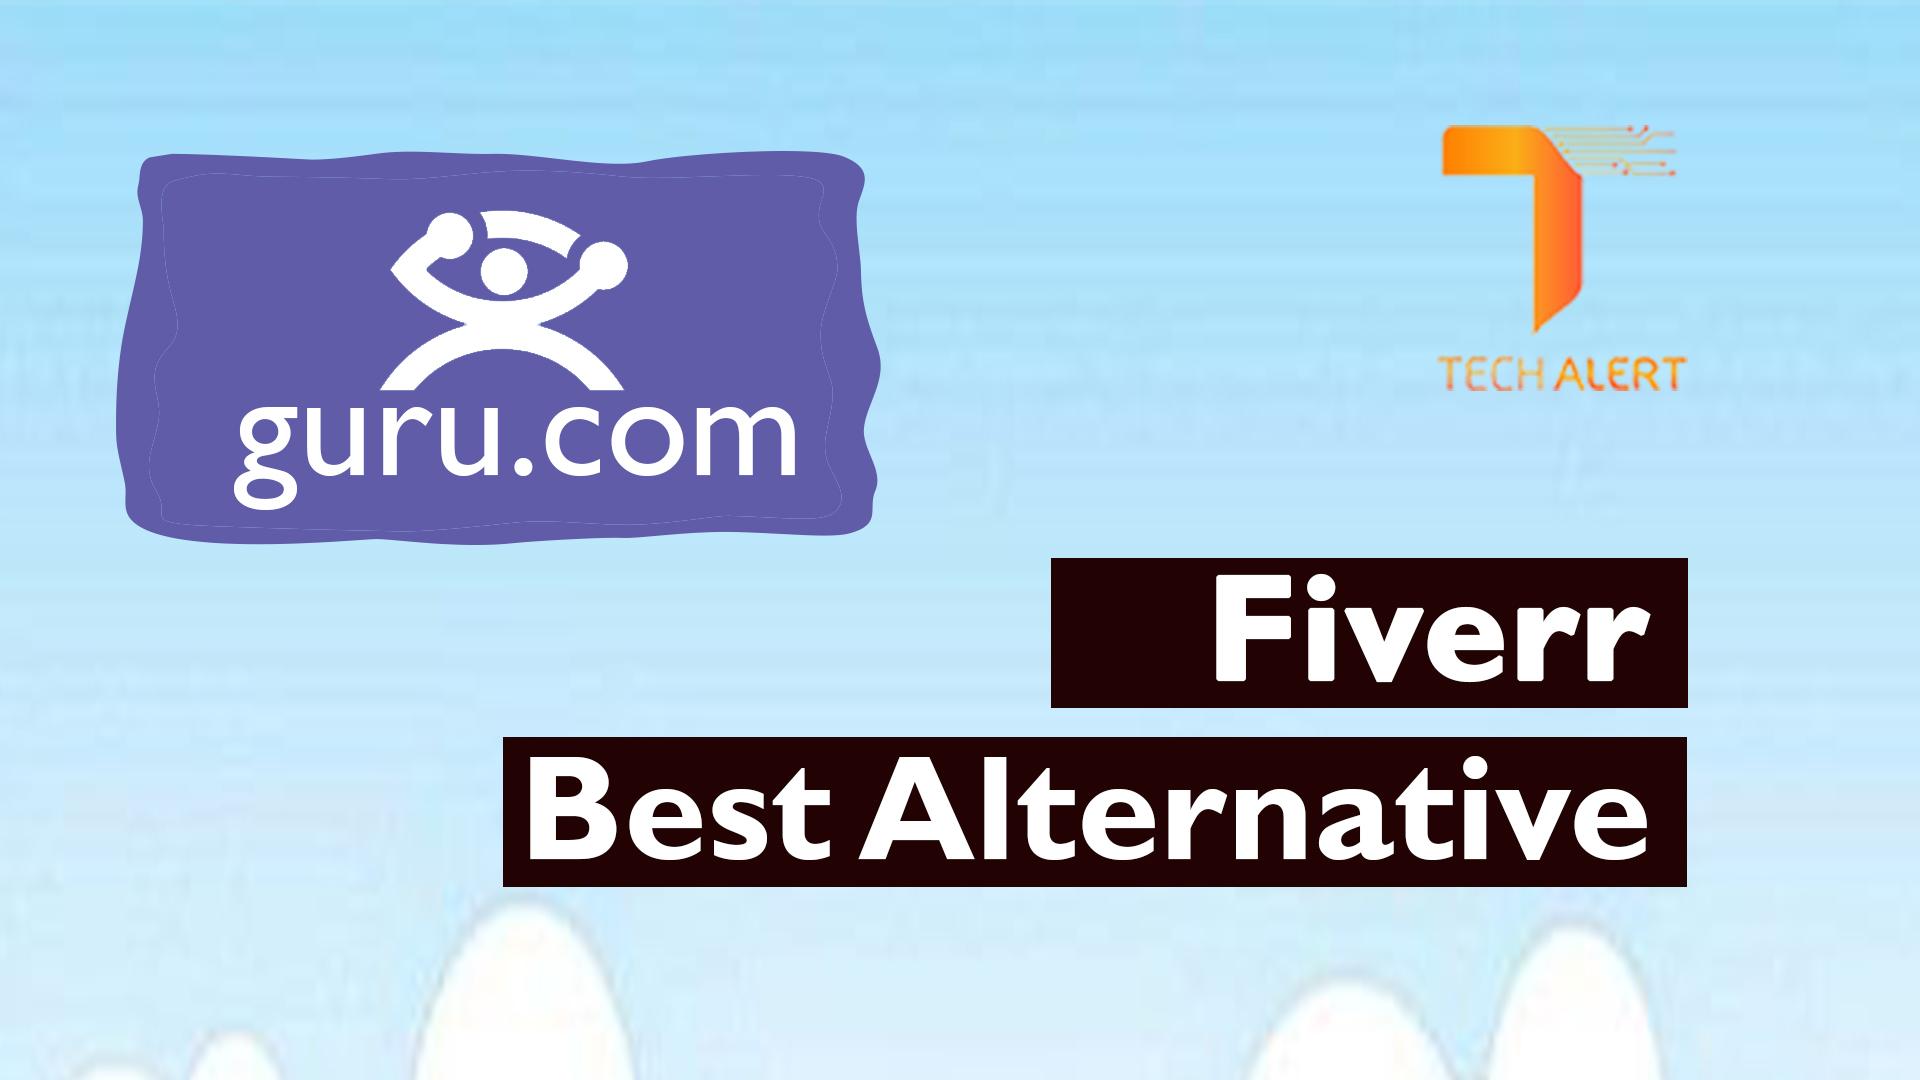 Guru.com fiverr best alternative